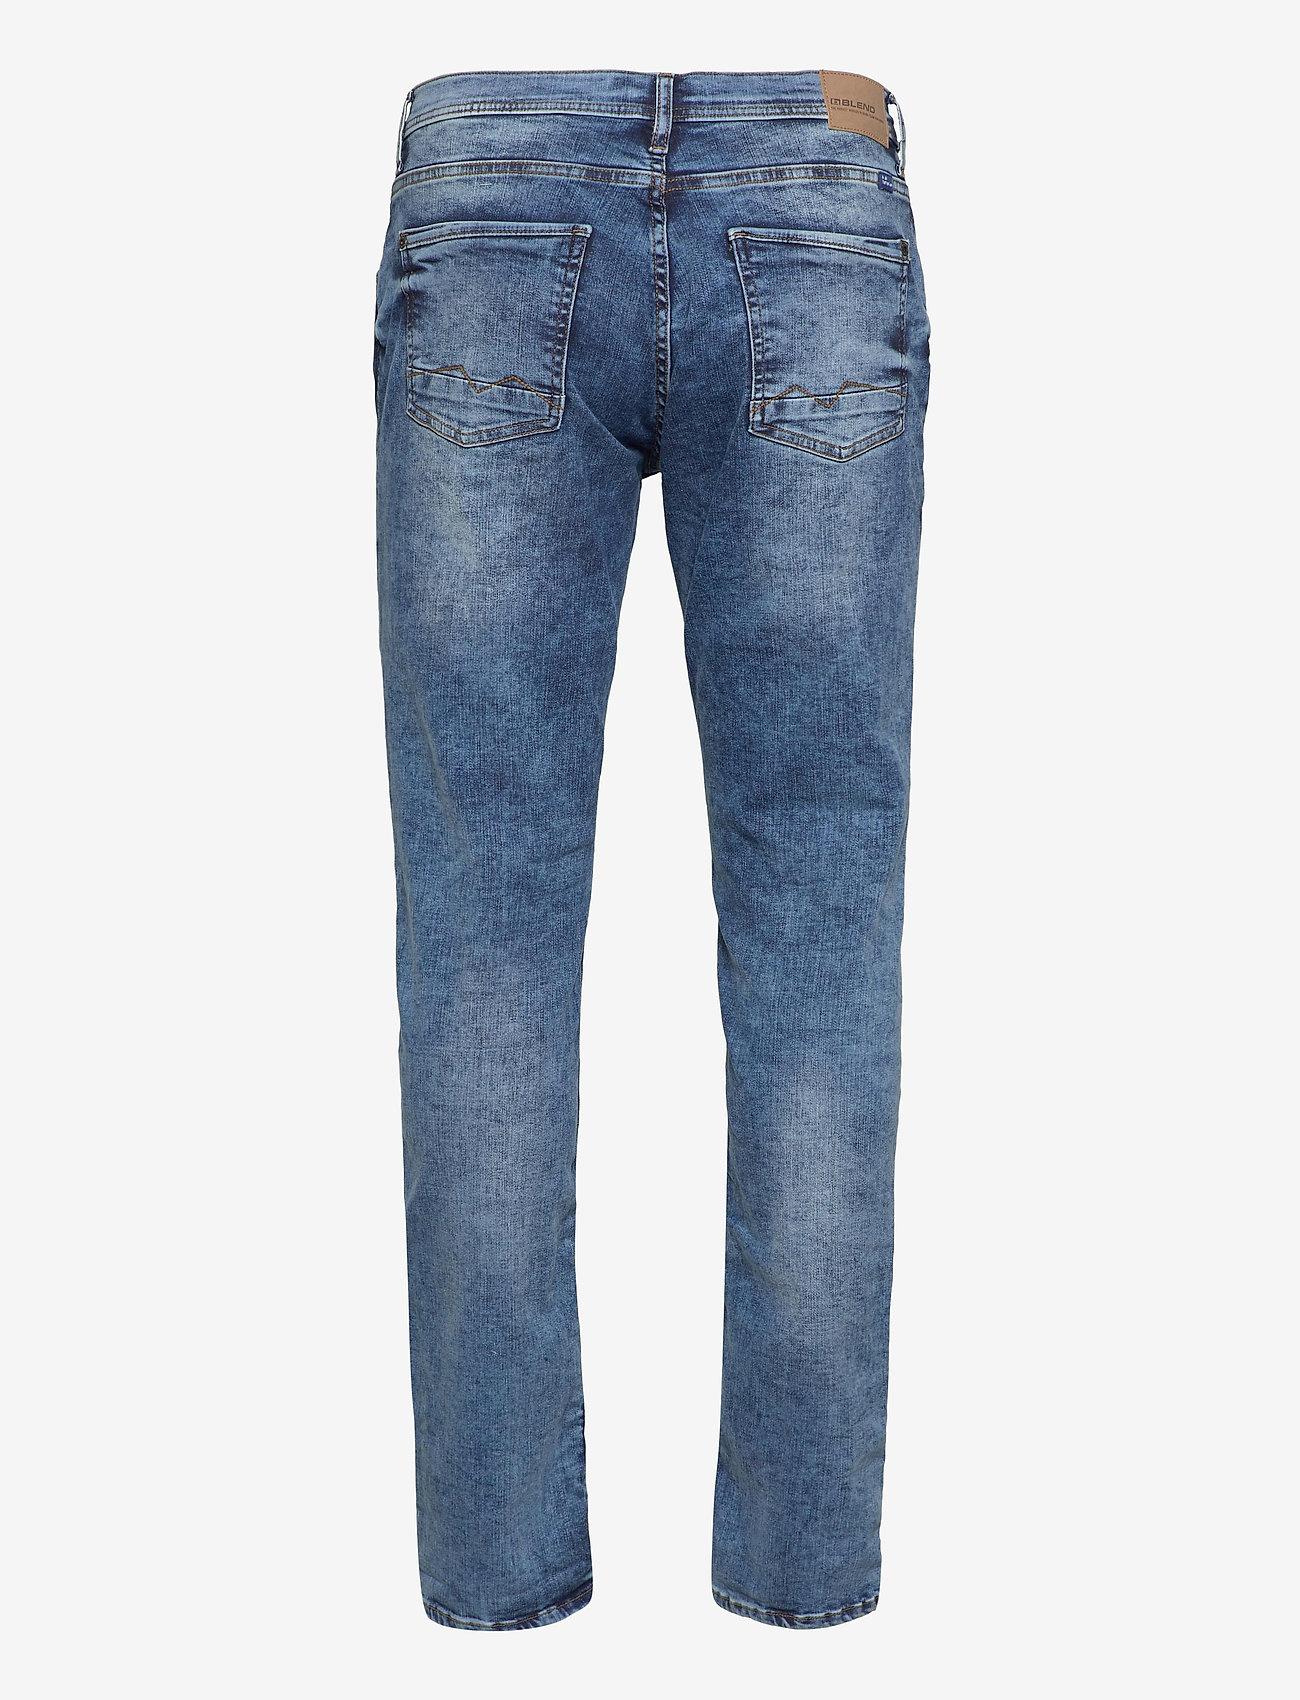 Blend - Twister fit Multiflex - NOOS - slim jeans - denim middle blue - 1